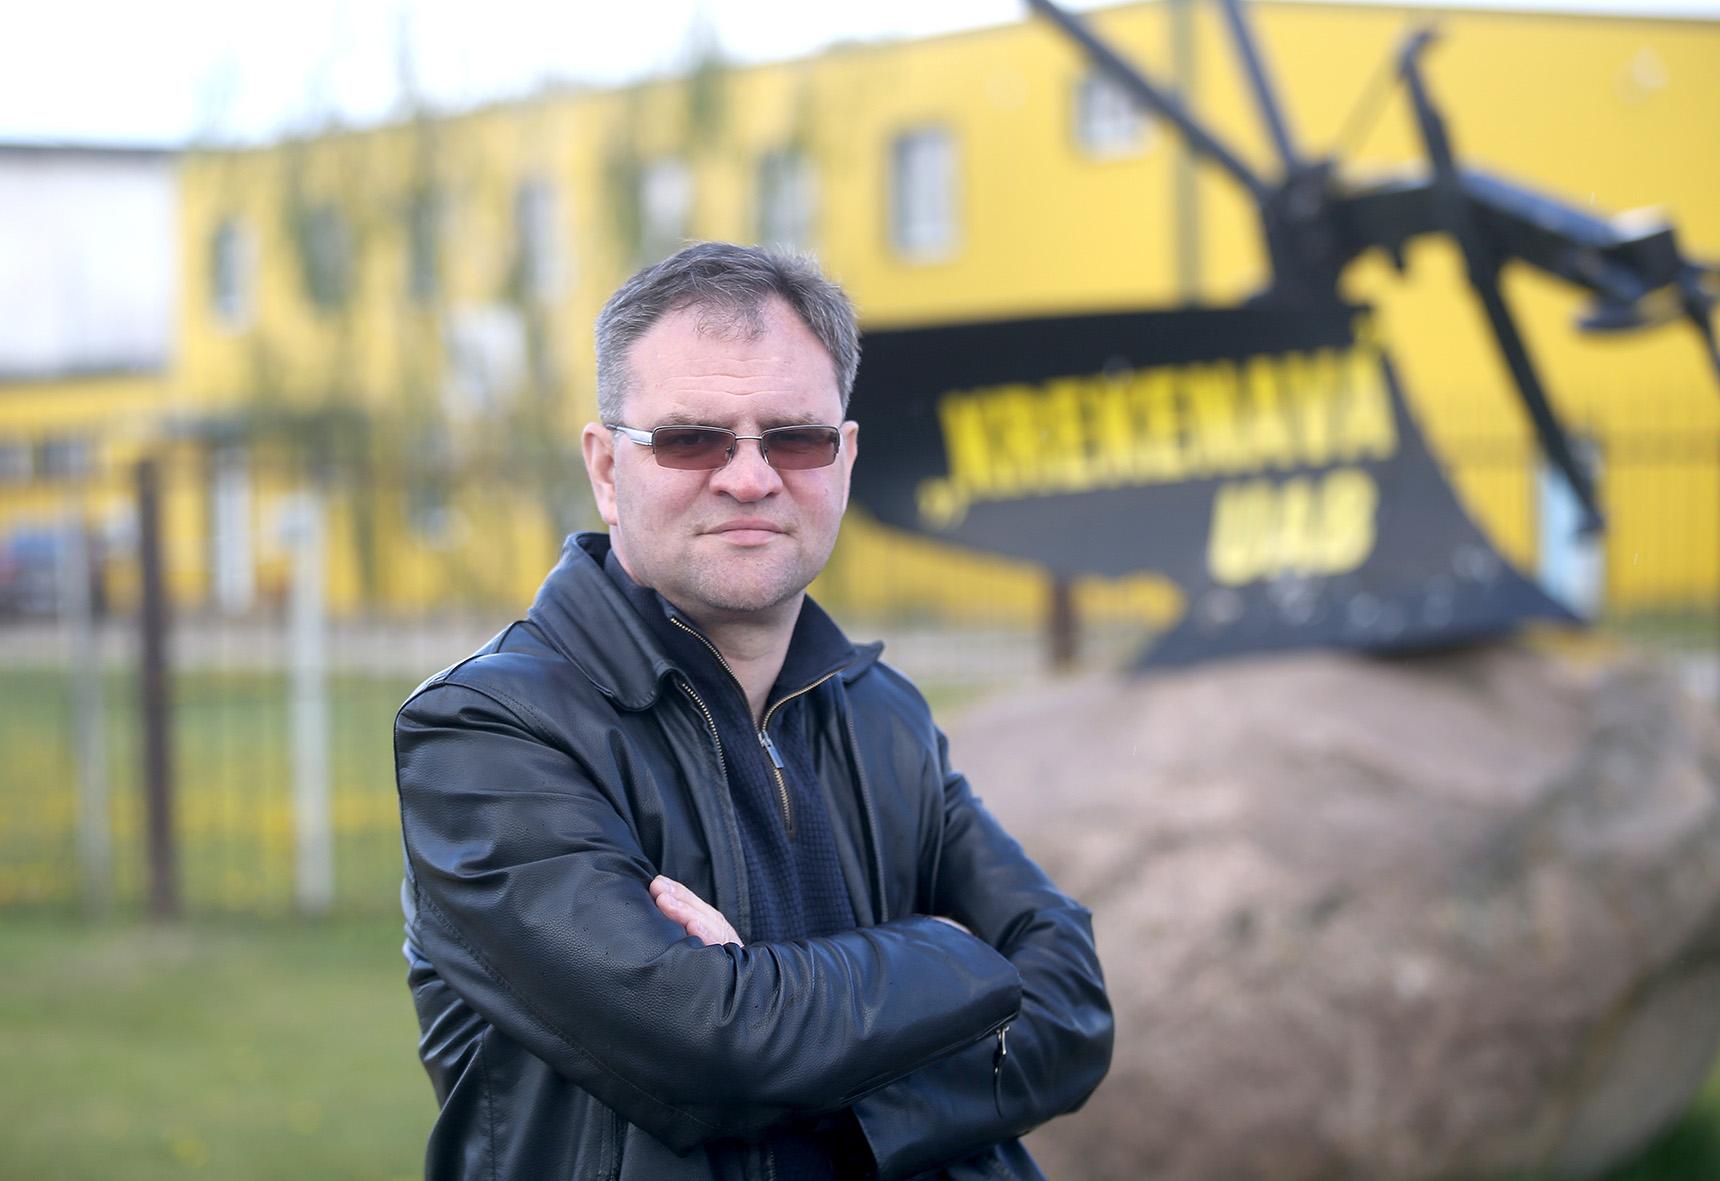 Vaidas Lebedys pabrėžė, jog kai kurie Lietuvos ūkininkai iš tiesų patirs dvigubų ar net trigubų nuostolių. Asmeninio archyvo nuotr.